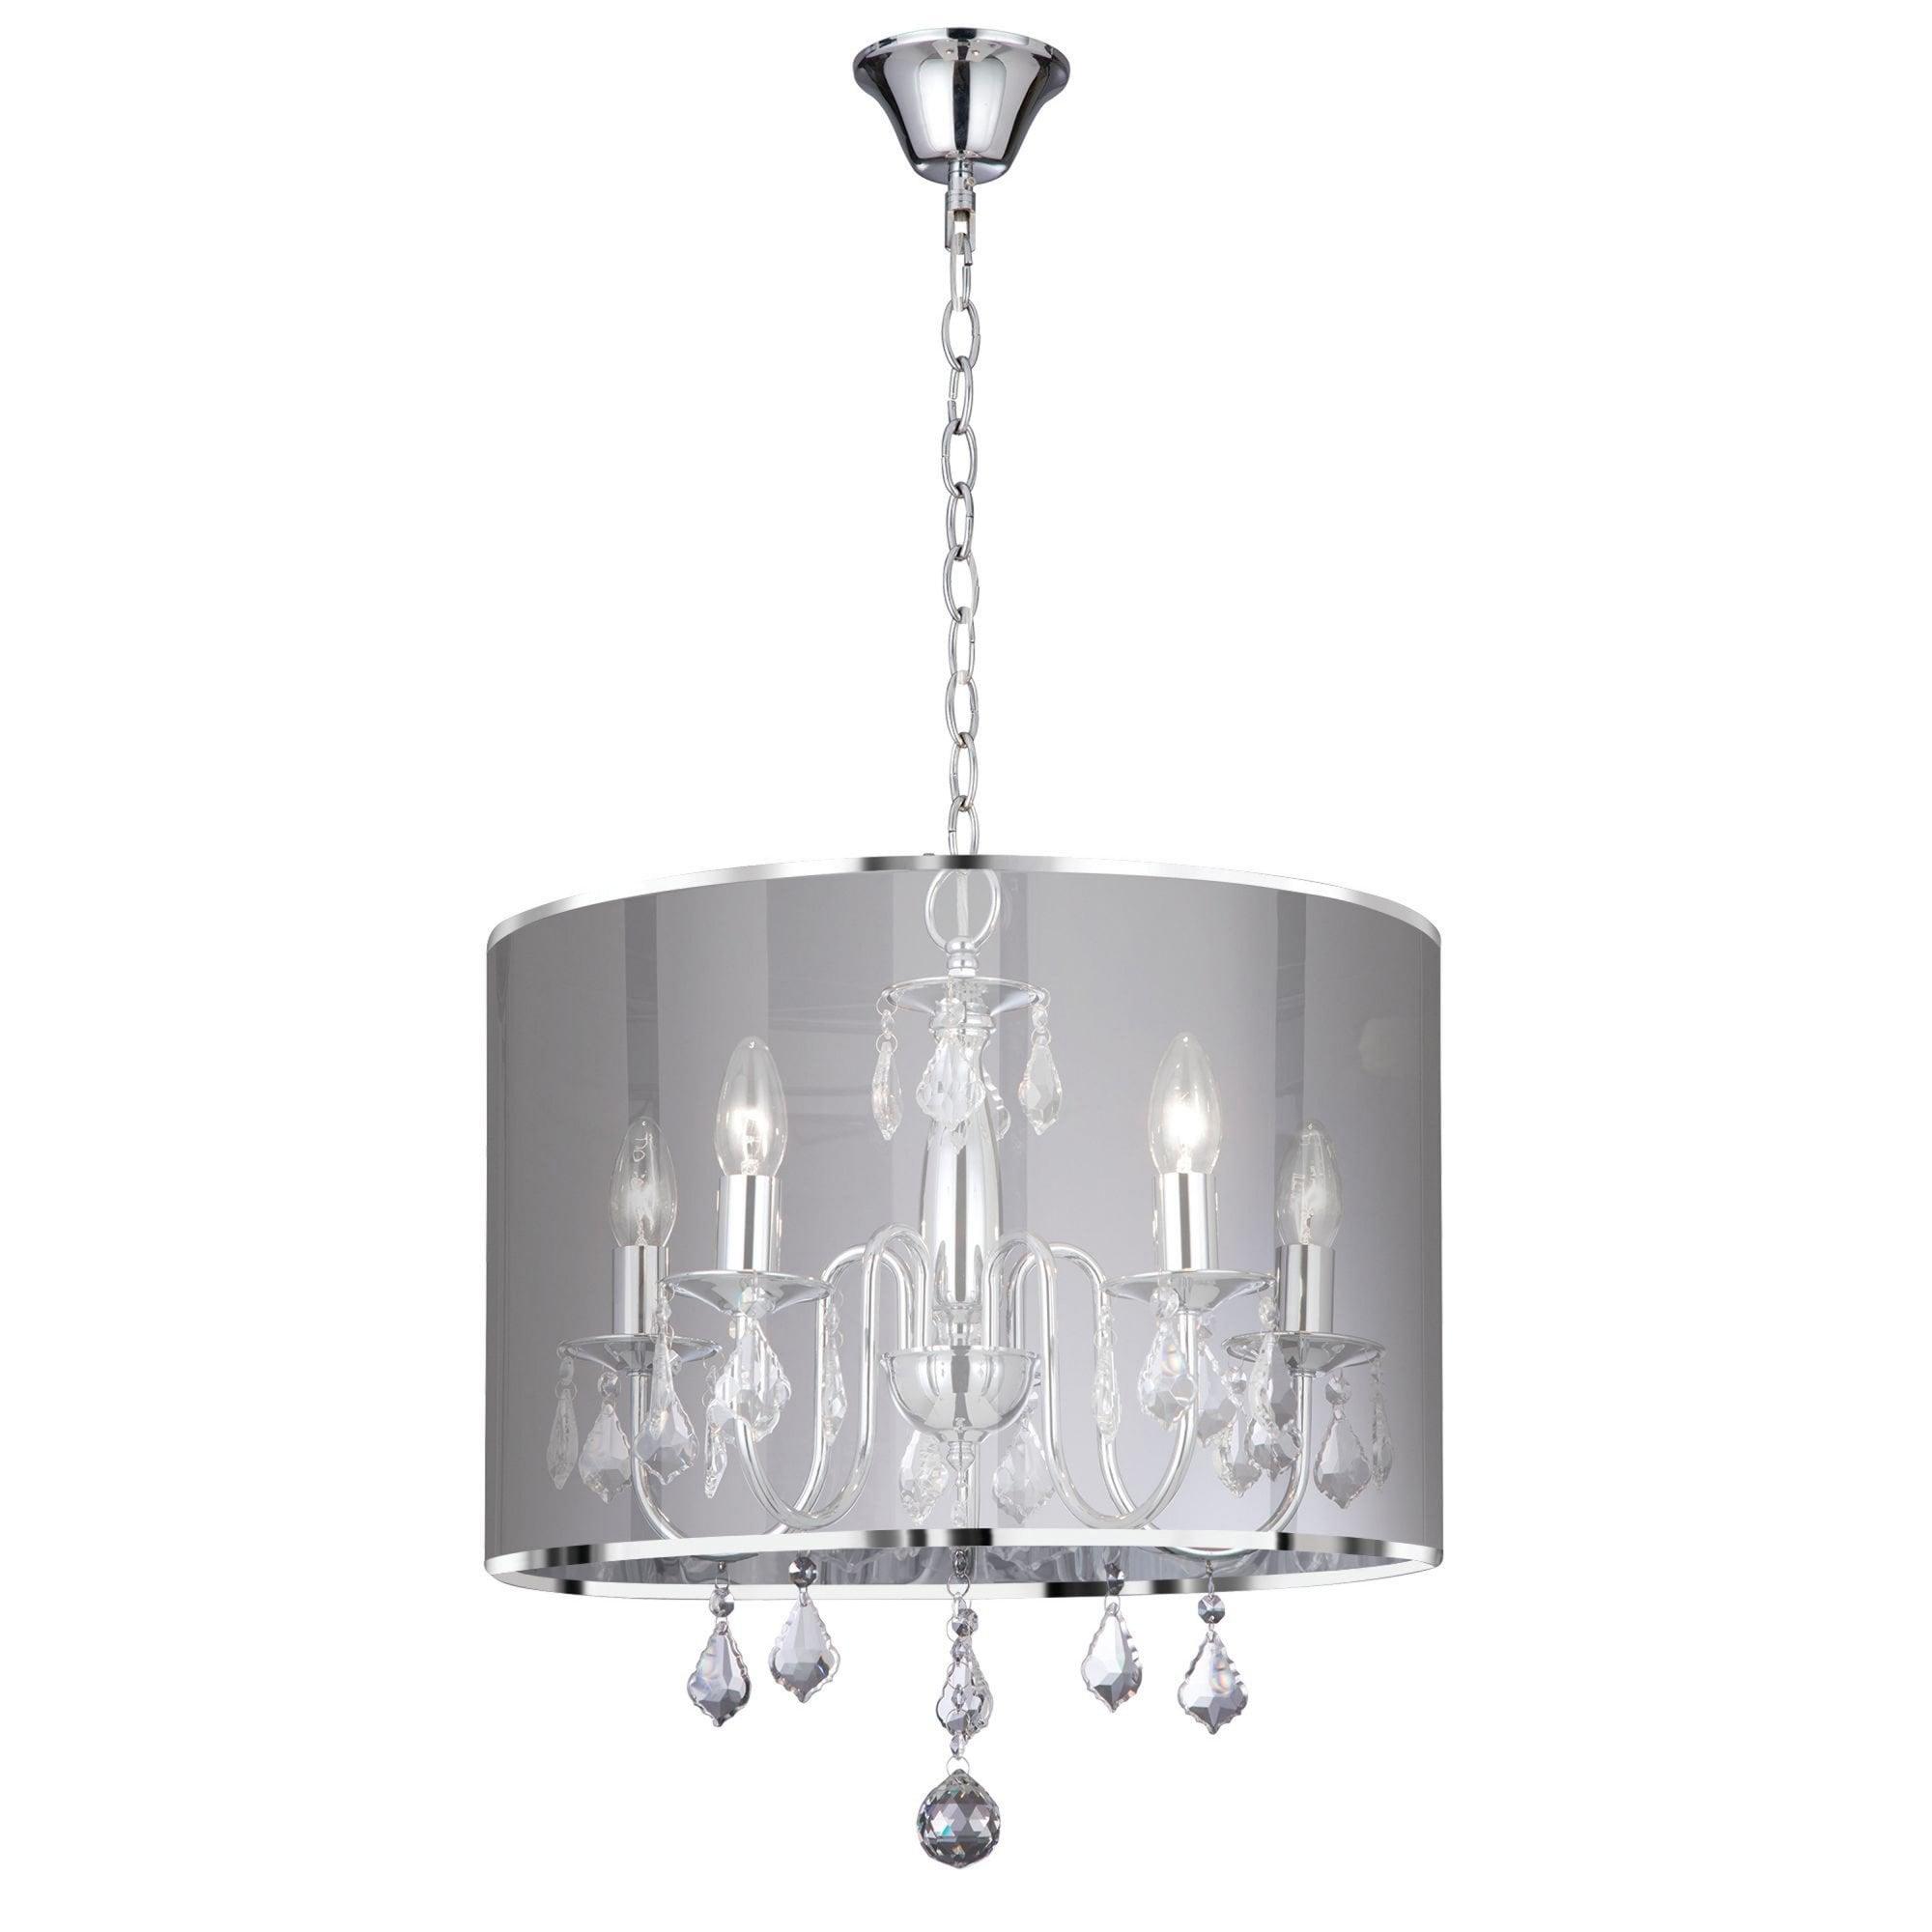 Buy Venetian 5 Light Chandelier from the Next UK online shop